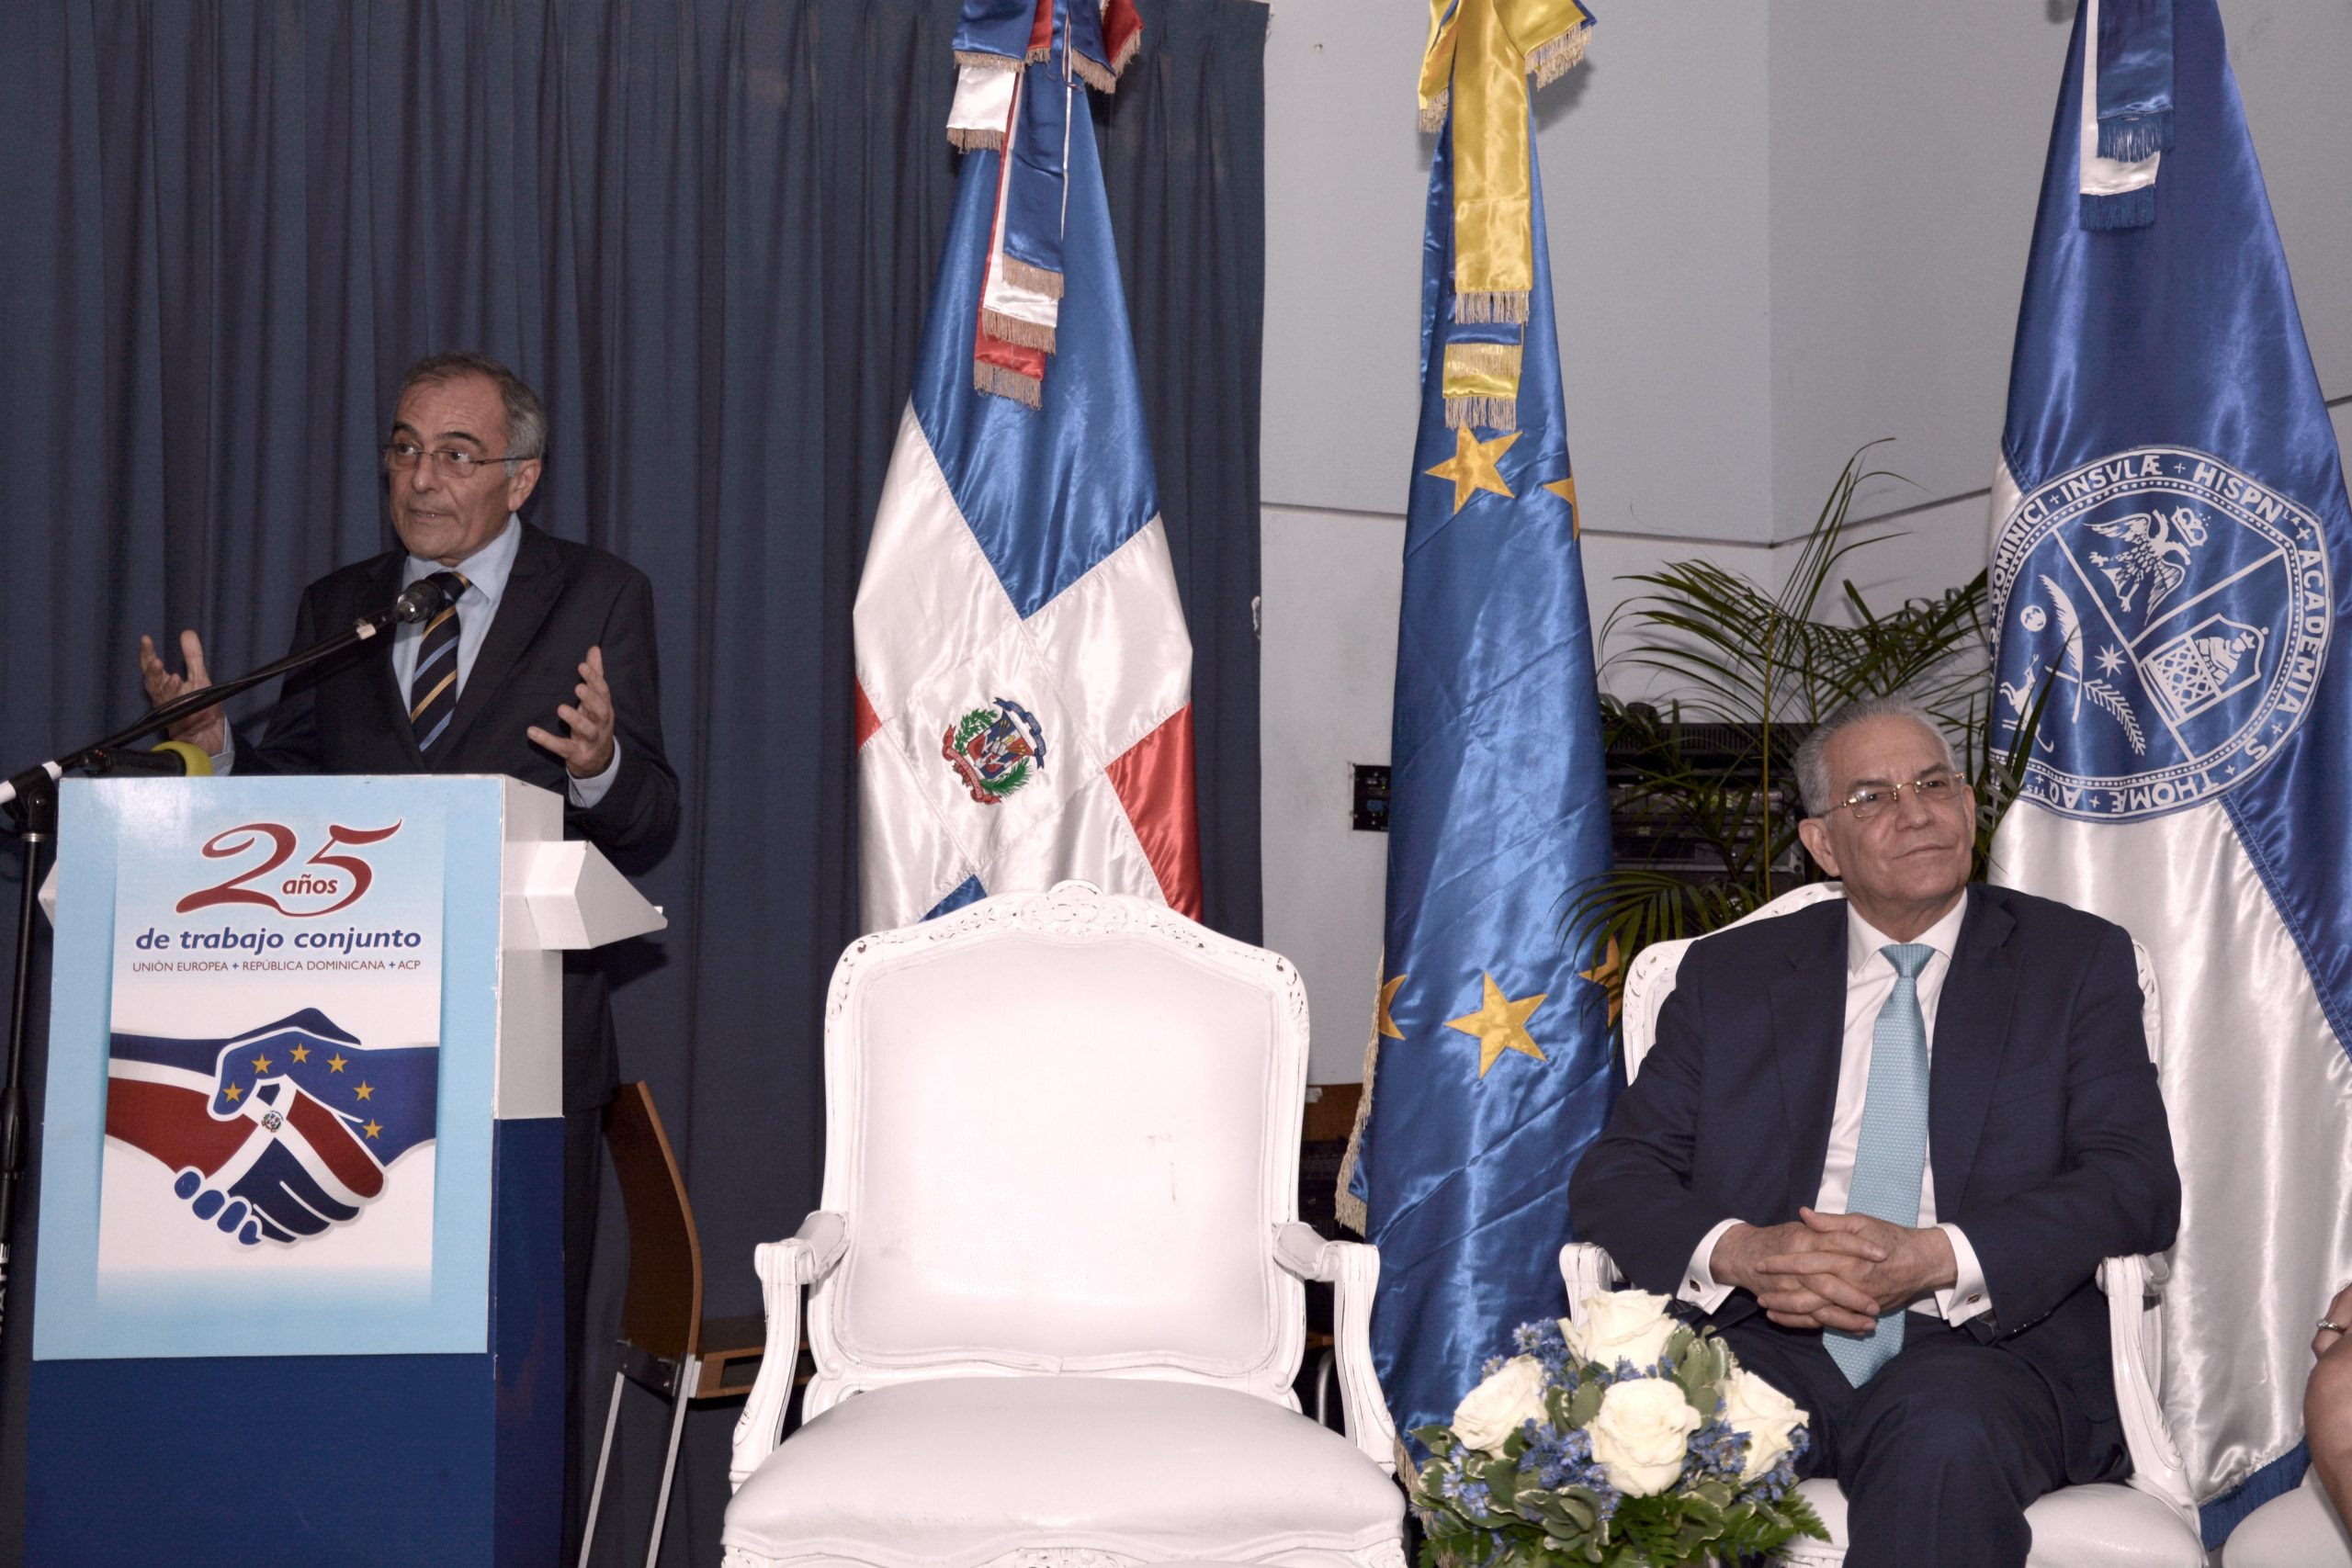 Antonio Vargas ofrece detalles sobre los aportes de la Unión Europea en el país. Observa el embajador Alberto Navarro. | LÉSTHER ÁLVAREZ